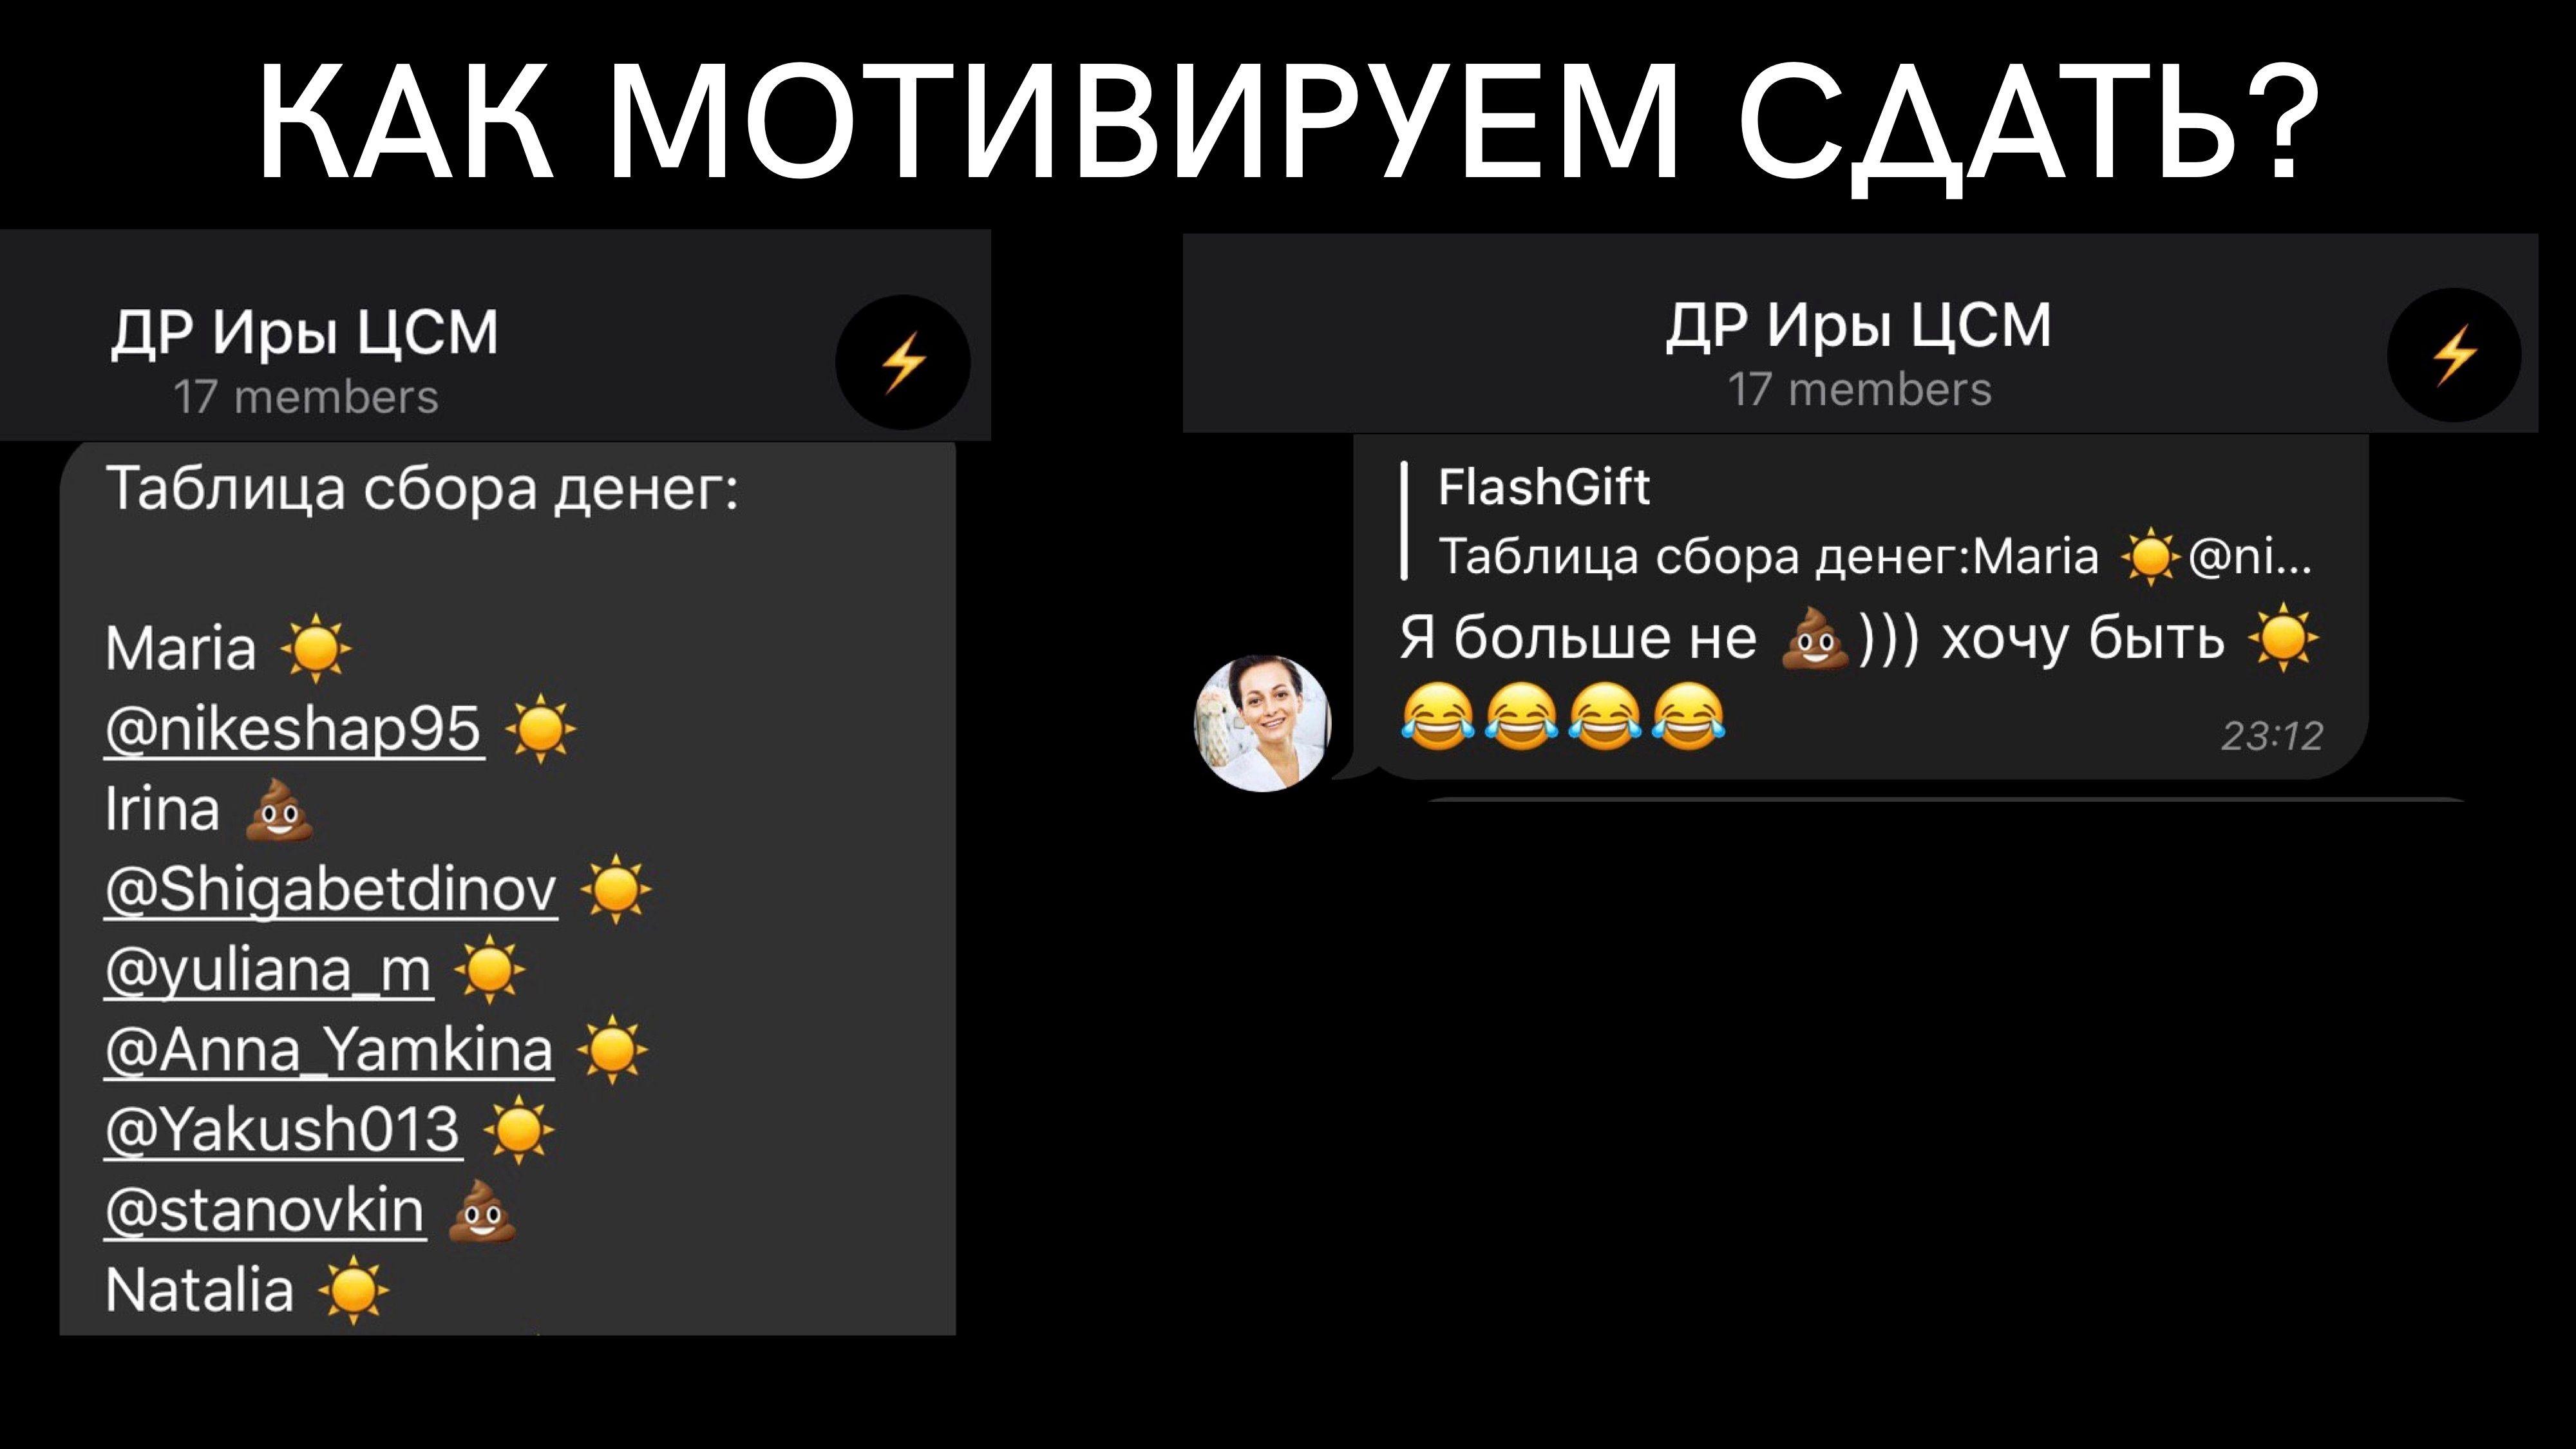 vc.ru / Общественное давление ускоряет сбор денег: люди сдают, потому что неприятно быть какашкой четыре раза подряд, а портить свою репутацию среди коллег не хочется